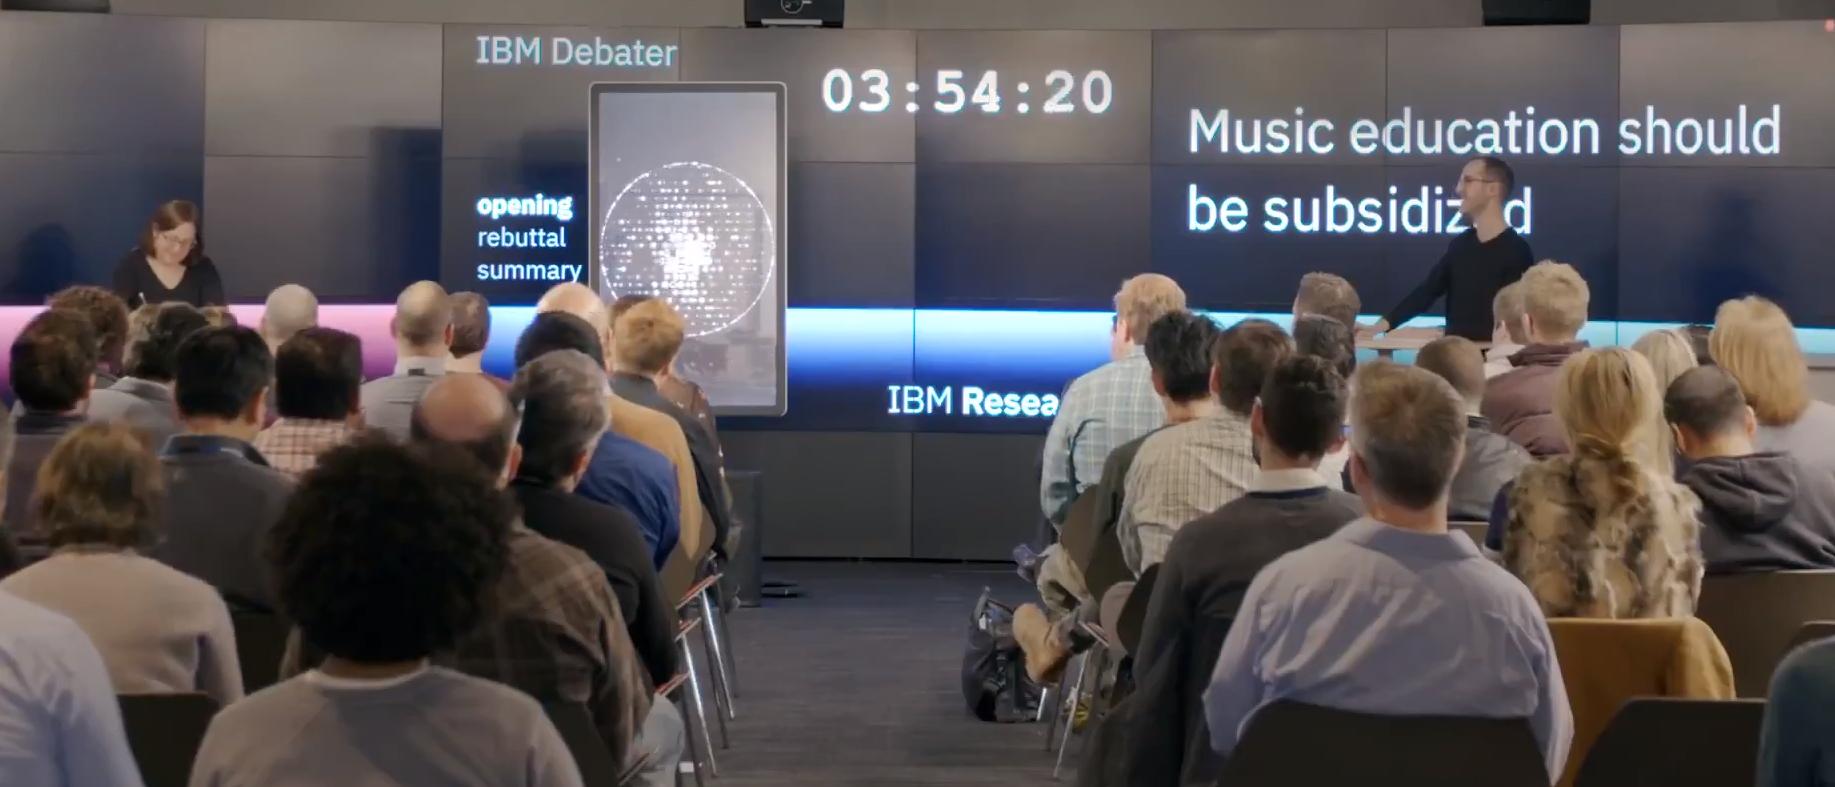 인간과 토론하는 AI의 진화